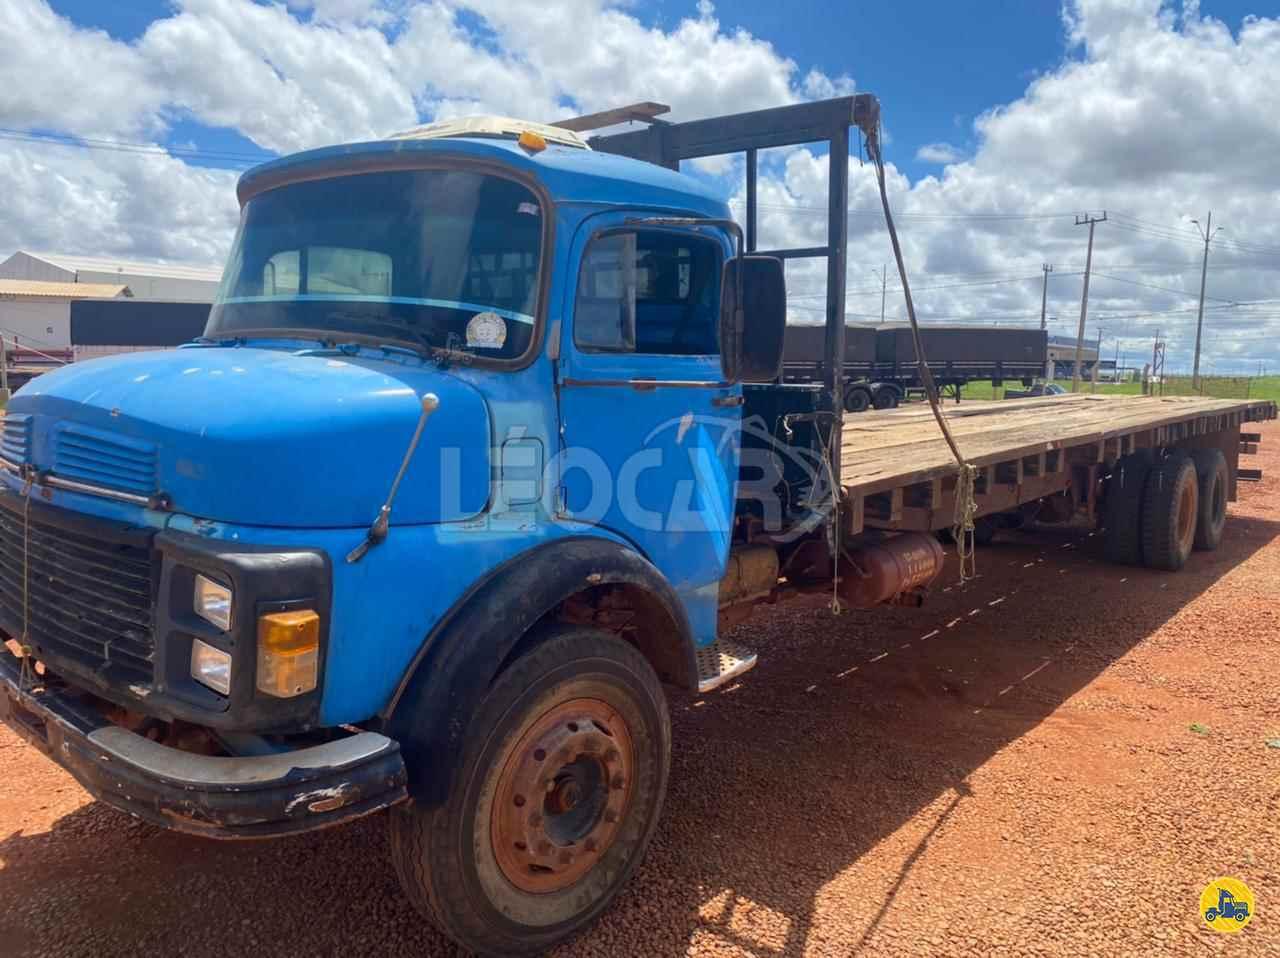 CAMINHAO MERCEDES-BENZ MB 1513 Carga Seca Truck 6x2 Leocar Caminhões PRIMAVERA DO LESTE MATO GROSSO MT